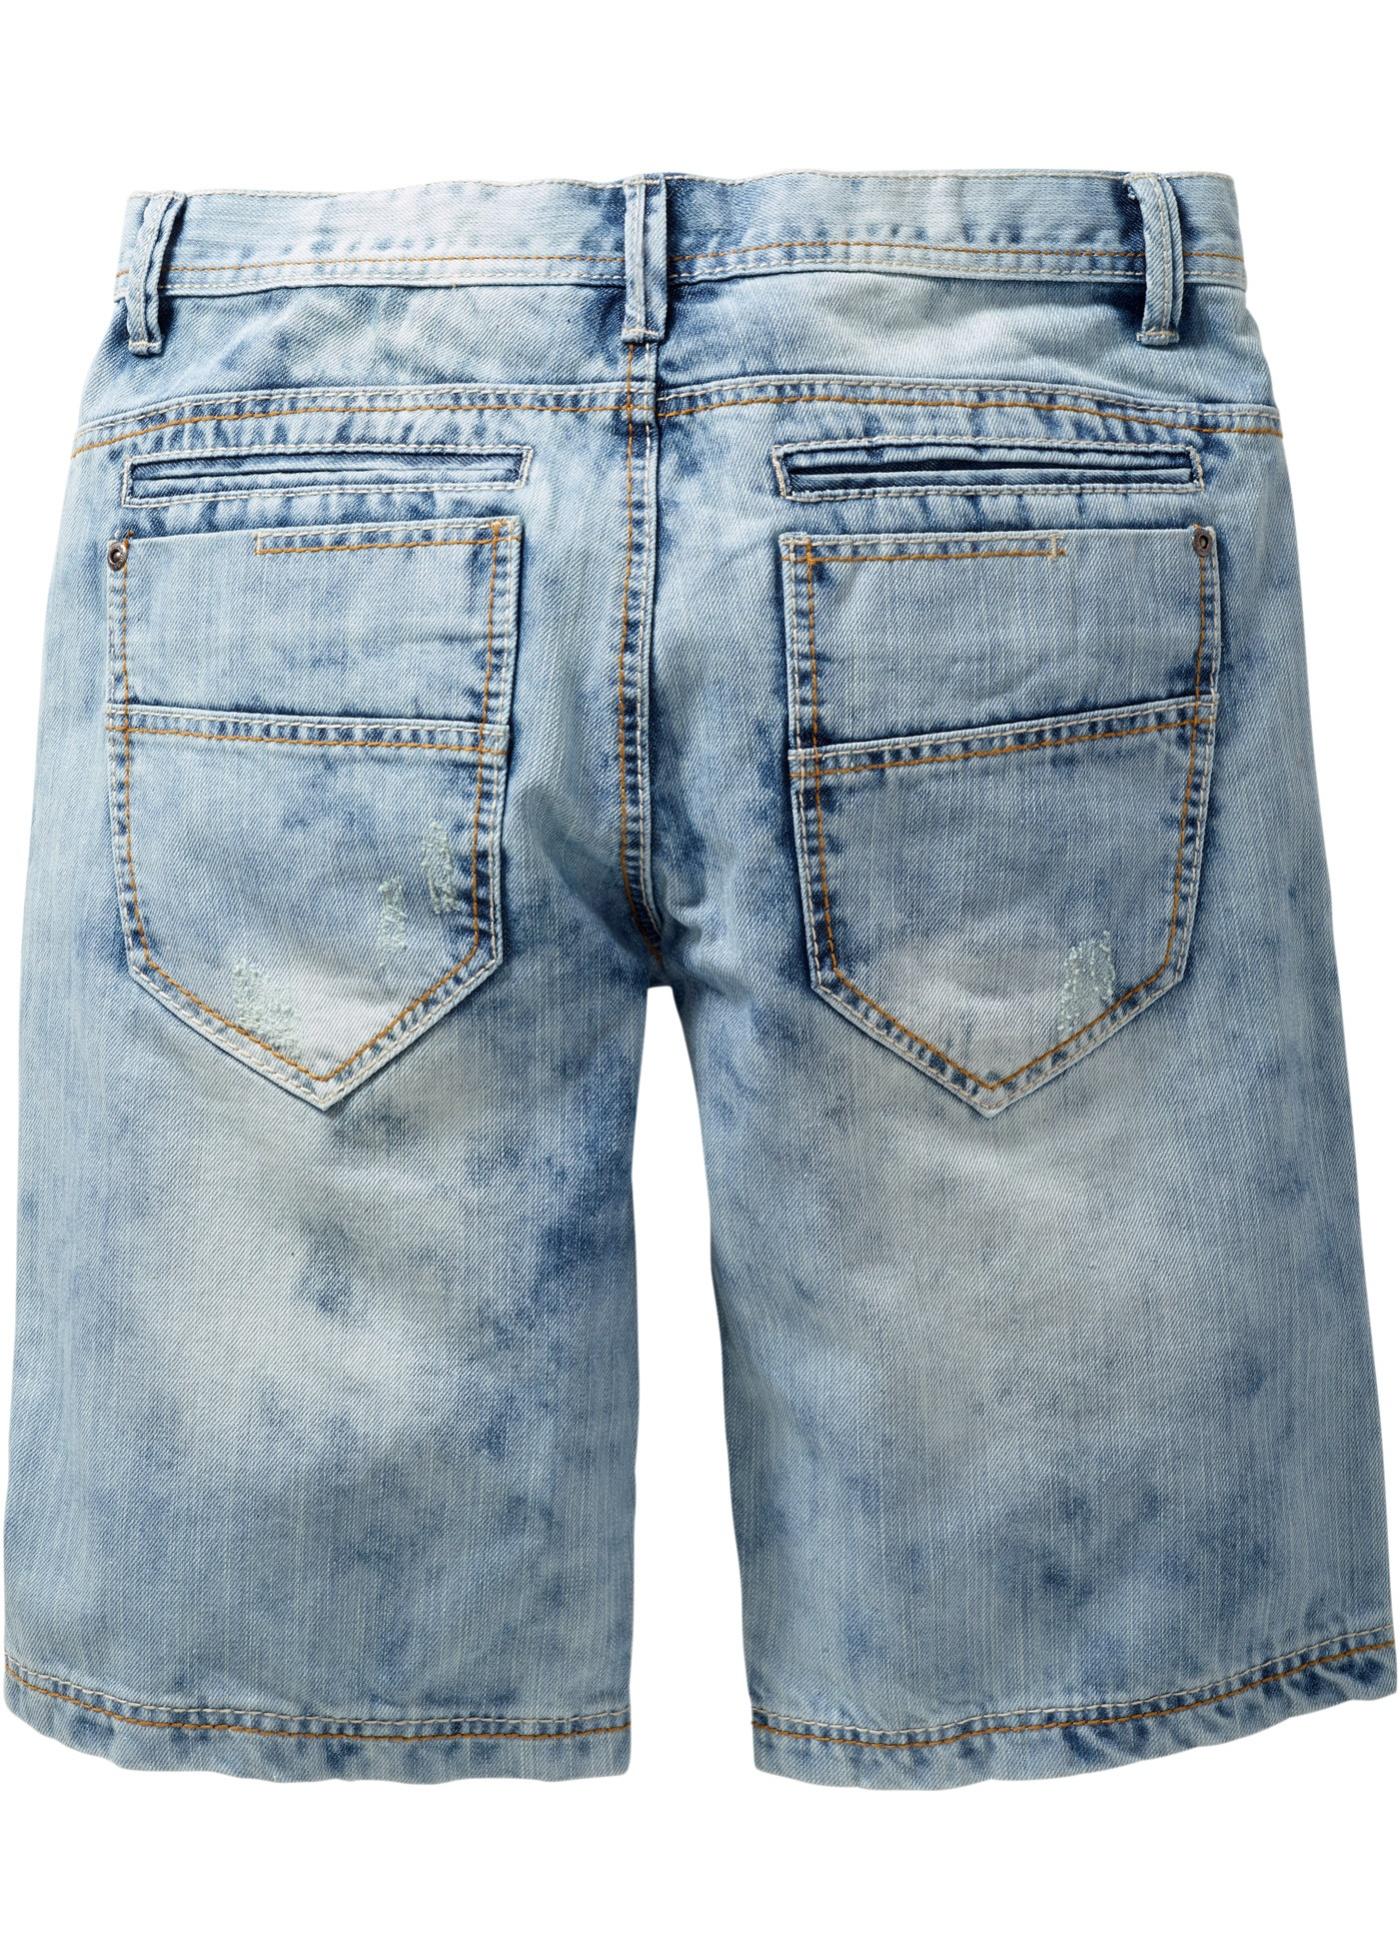 Bermuda di jeans LOOSE  B